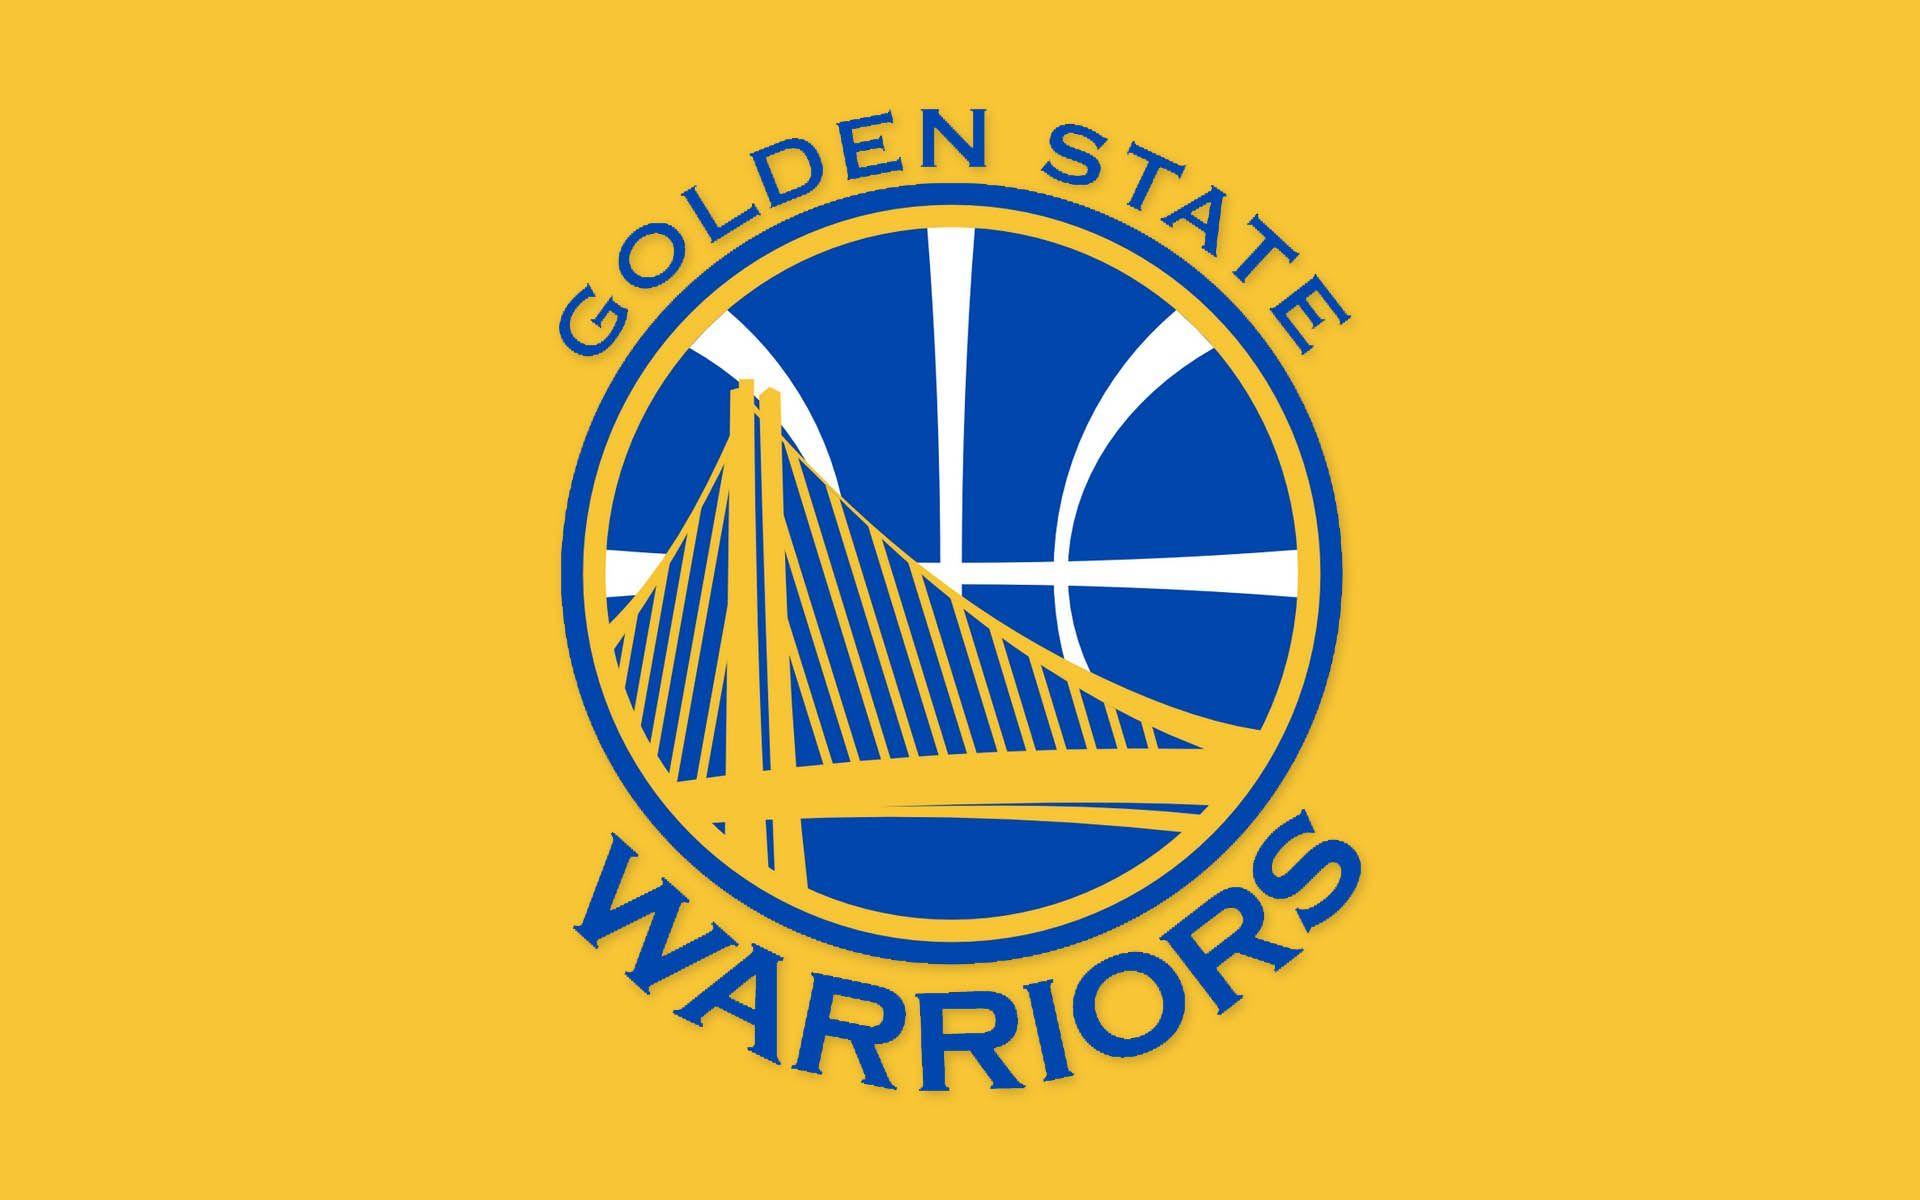 Best Golden State Warriors Wallpaper High Quality Golden State